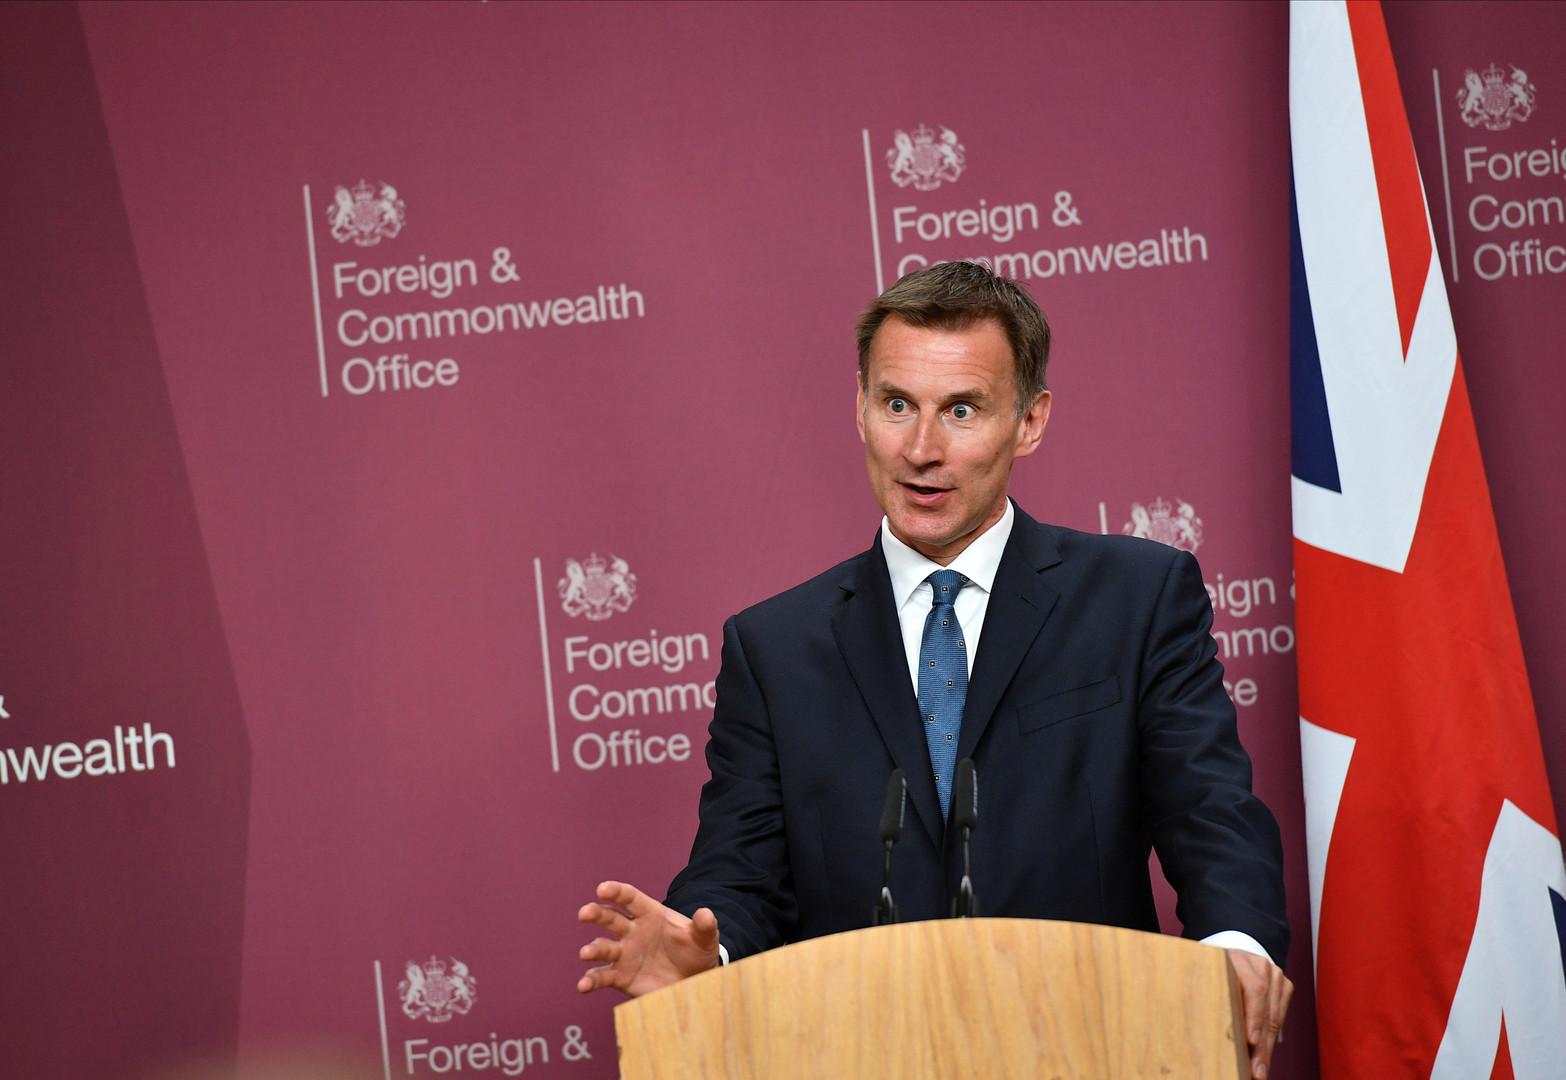 وزير خارجية بريطانيا: وقوف إيران وراء حادث الناقلتين مؤكد تقريبا